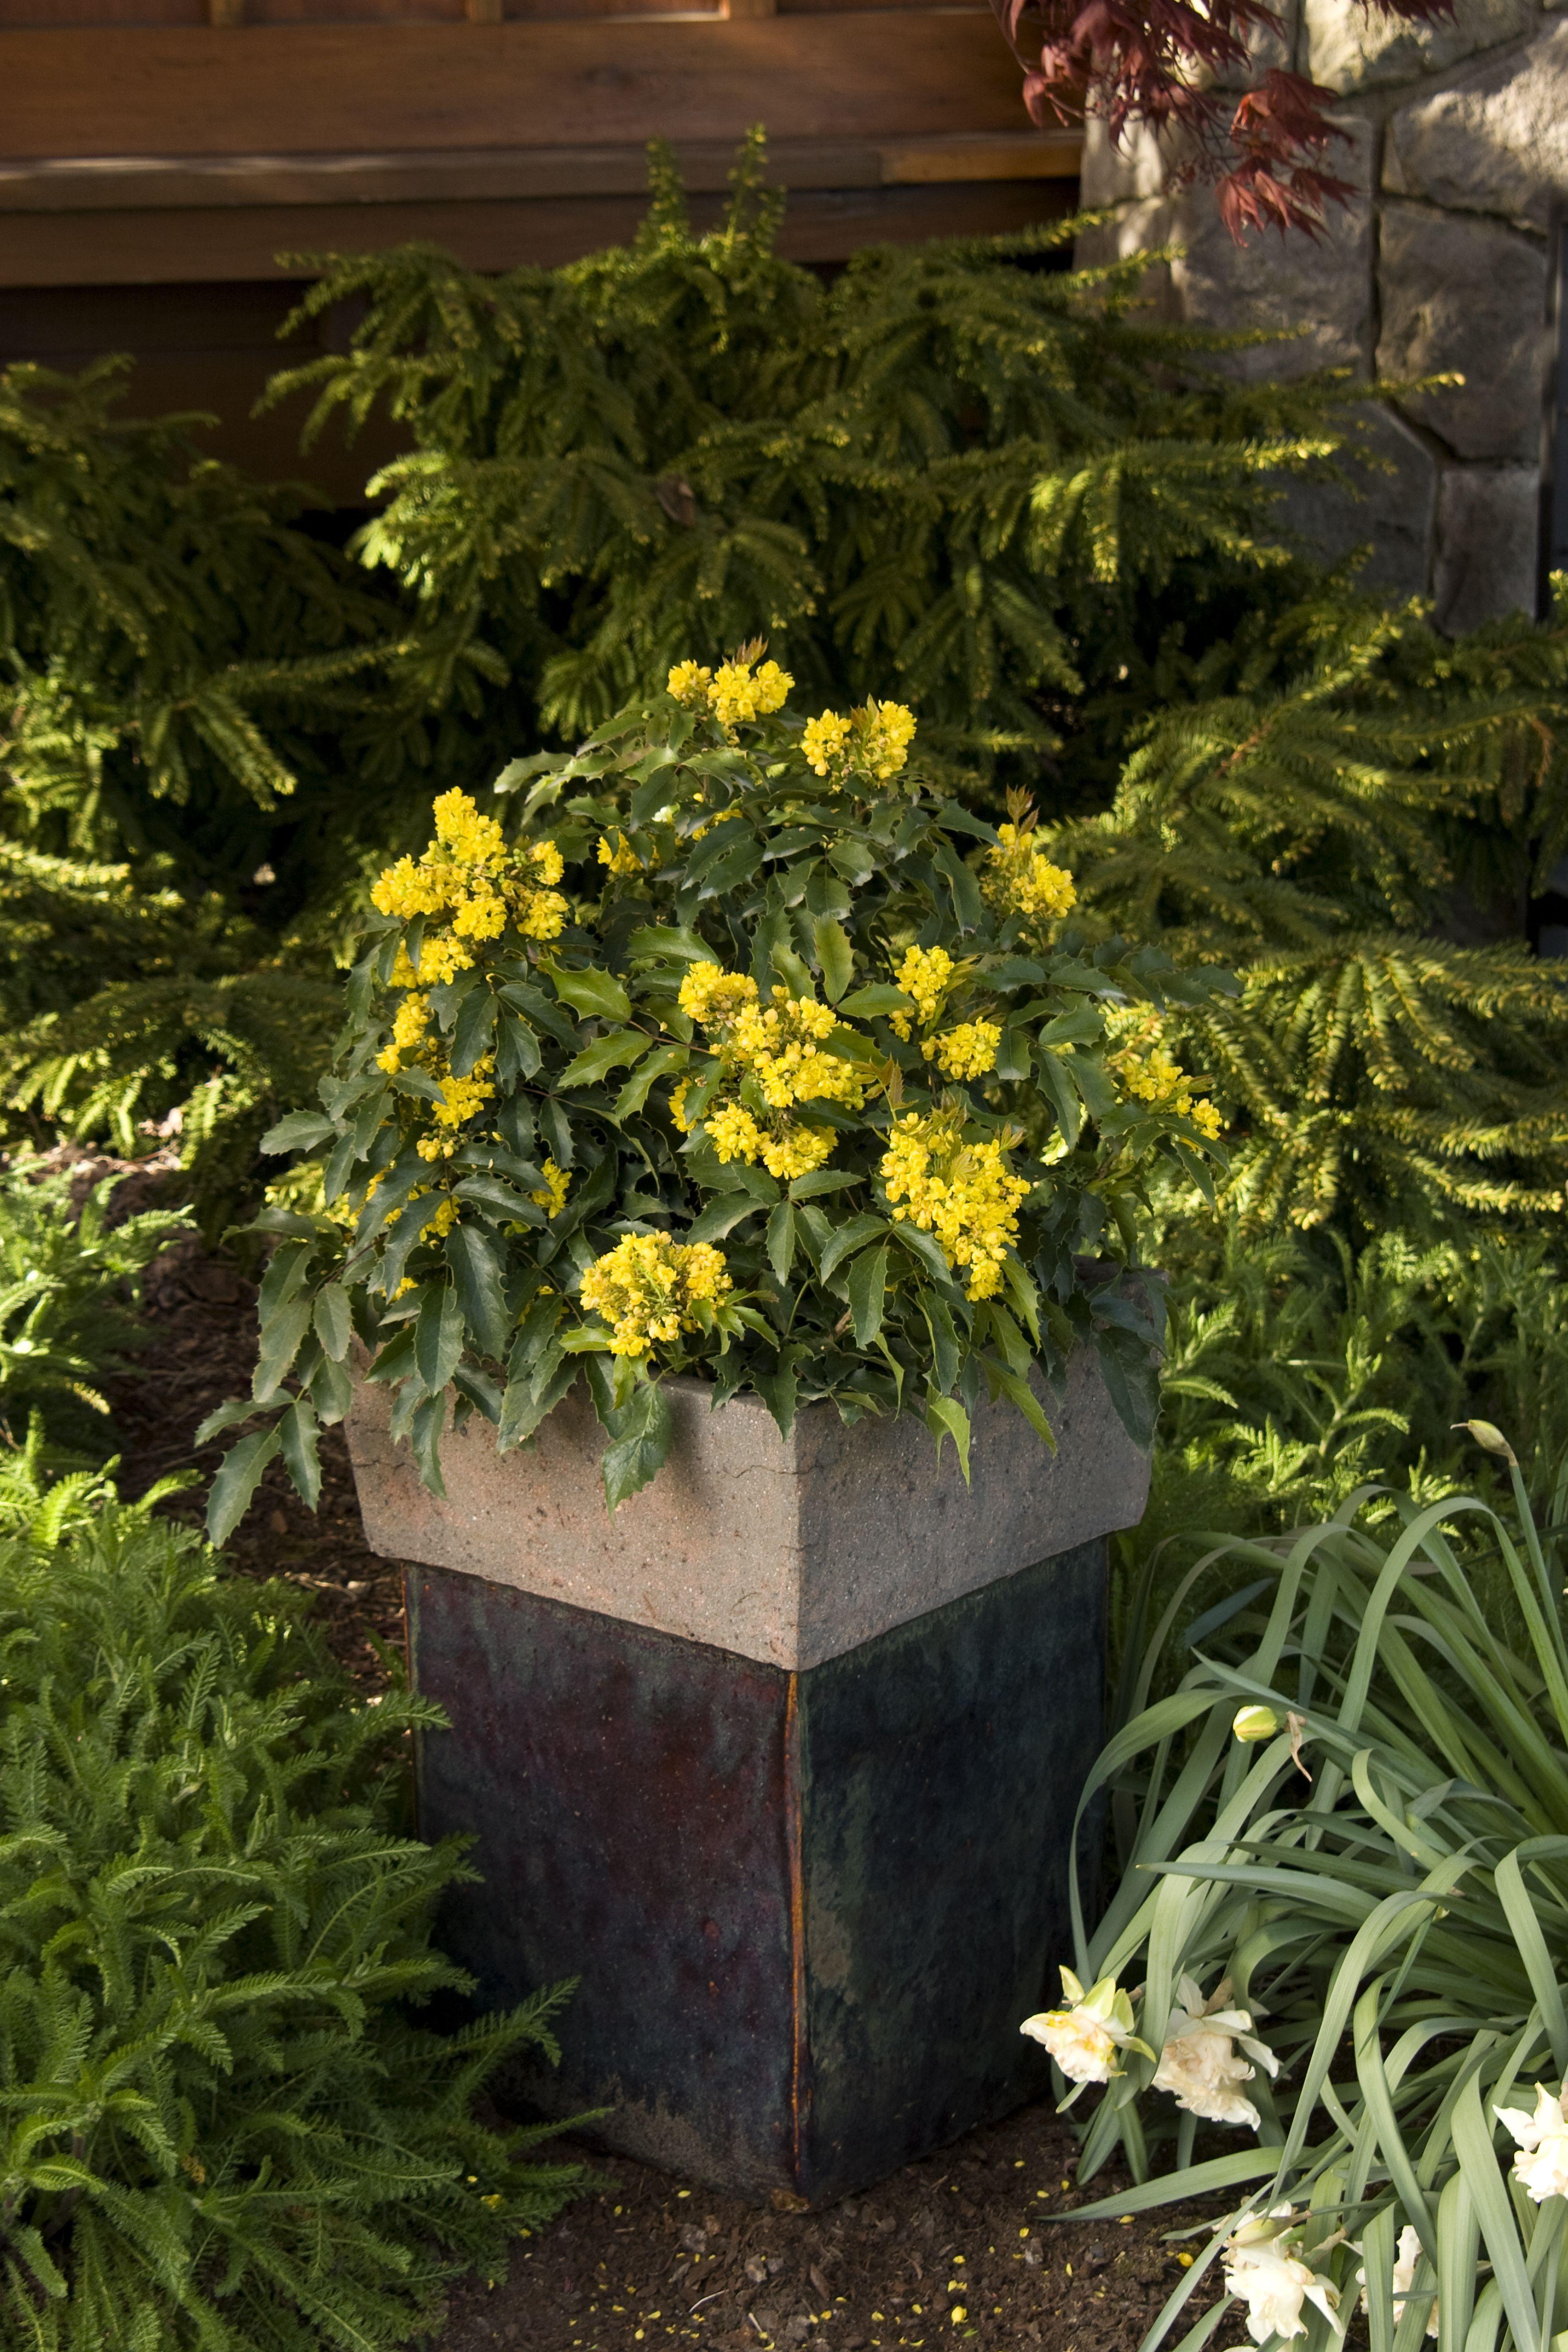 Dwarf Oregon Grape Mahonia Aquifolium Compacta I Zone 5 I 5ft X